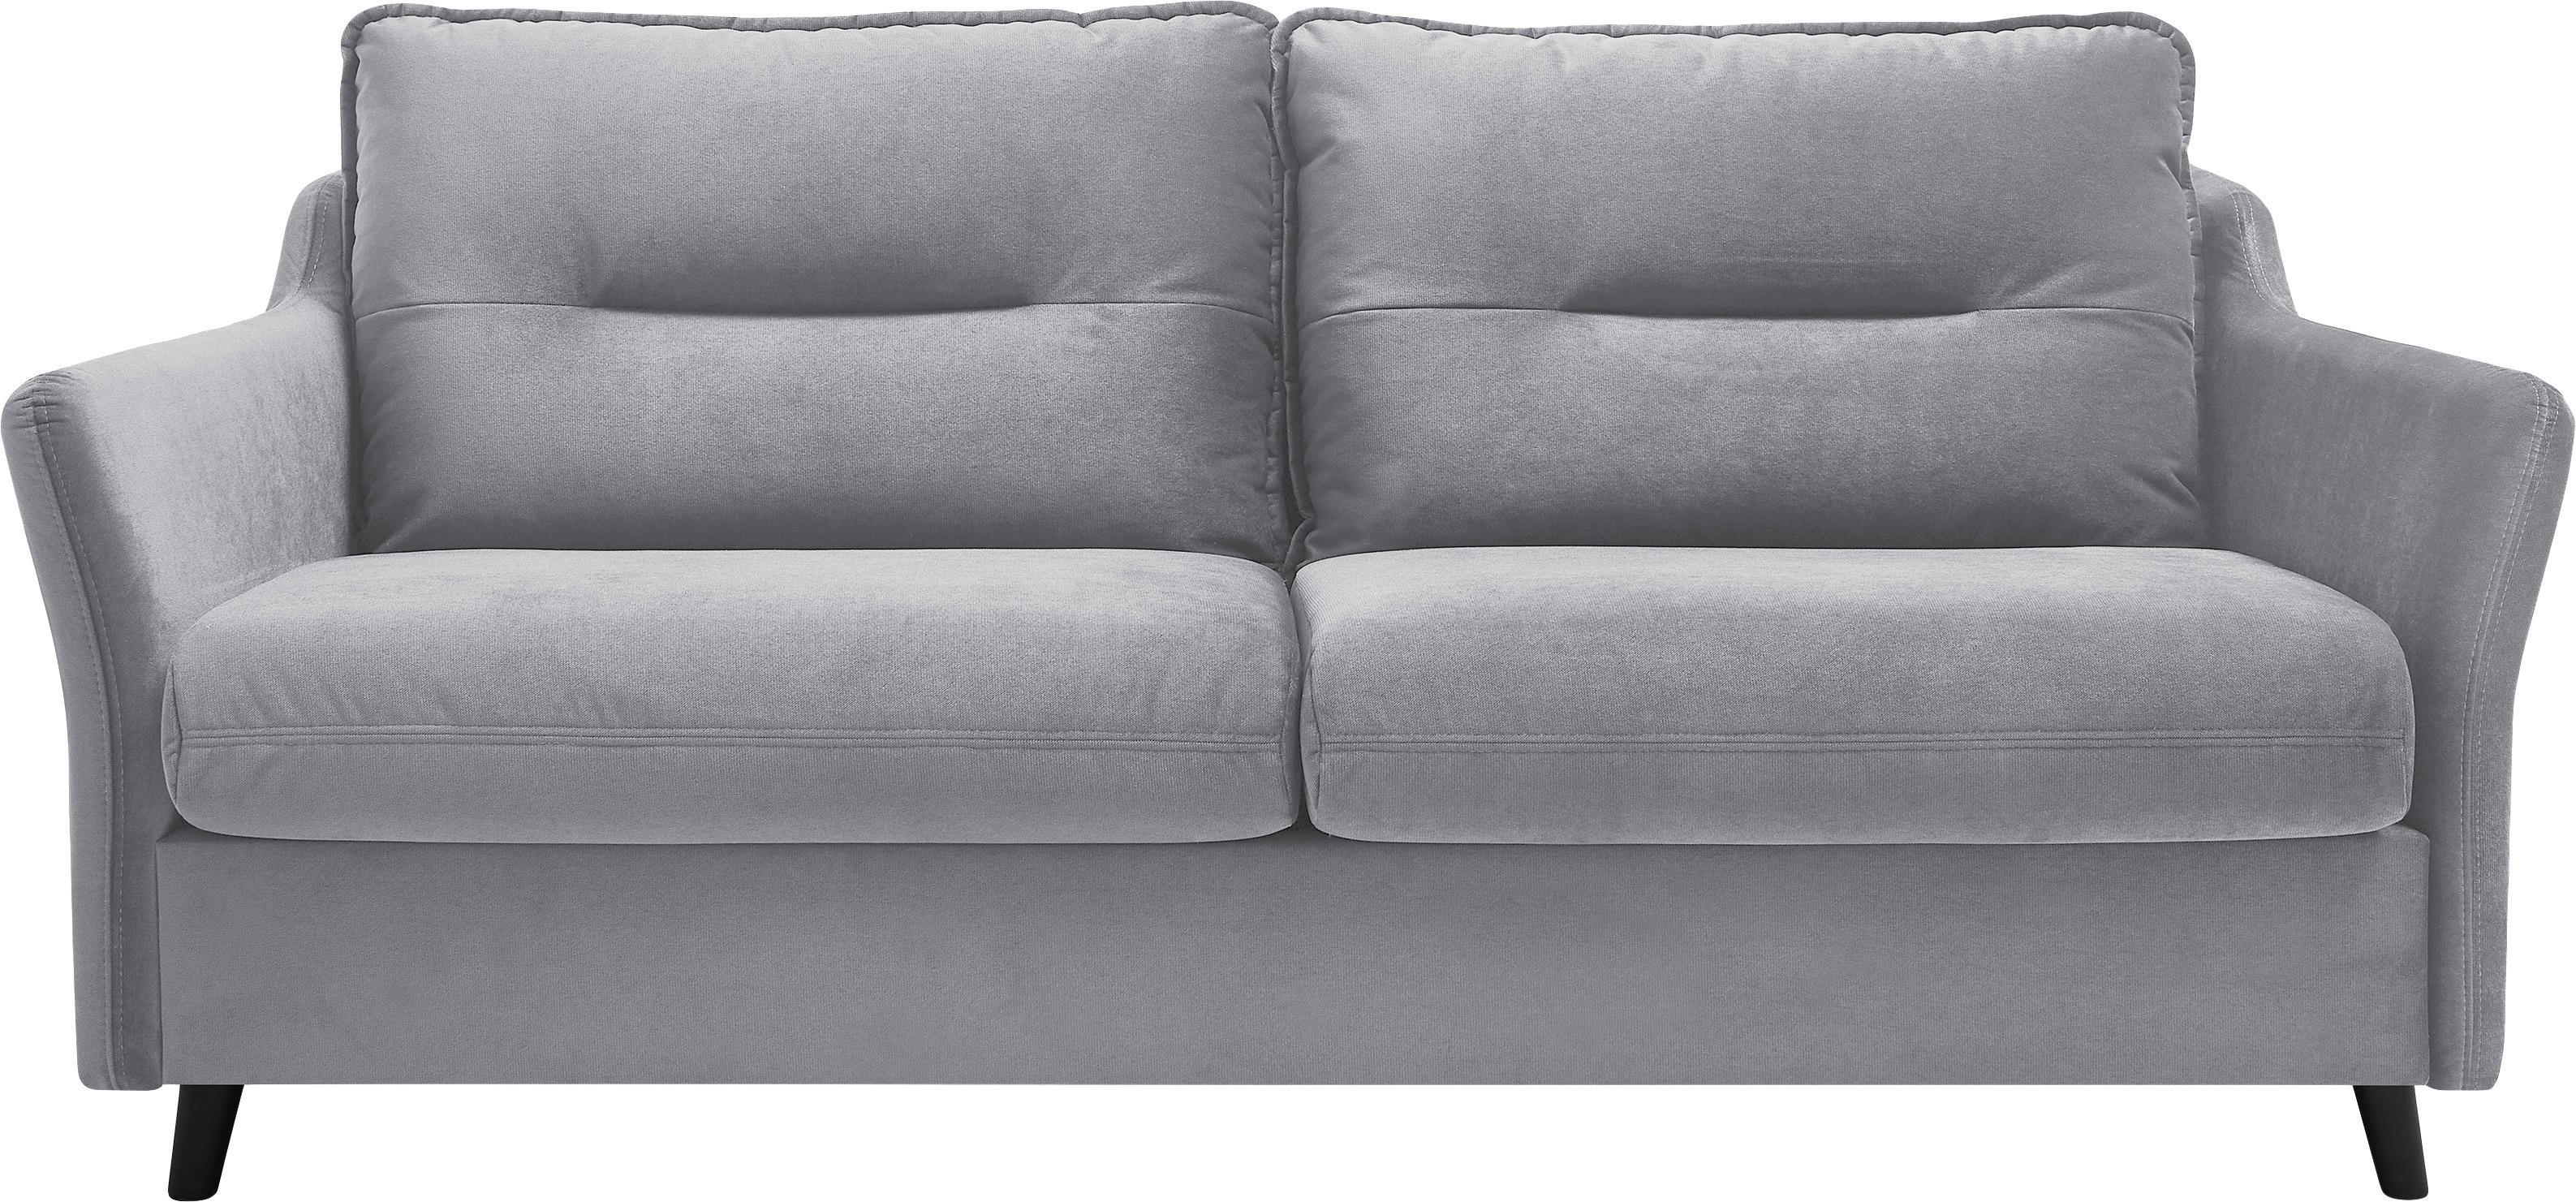 Sofa rozkładana z aksamitu Loft (3-osobowa), Tapicerka: 100% aksamit poliestrowy, Nogi: metal lakierowany, Jasny szary, S 191 x G 100 cm